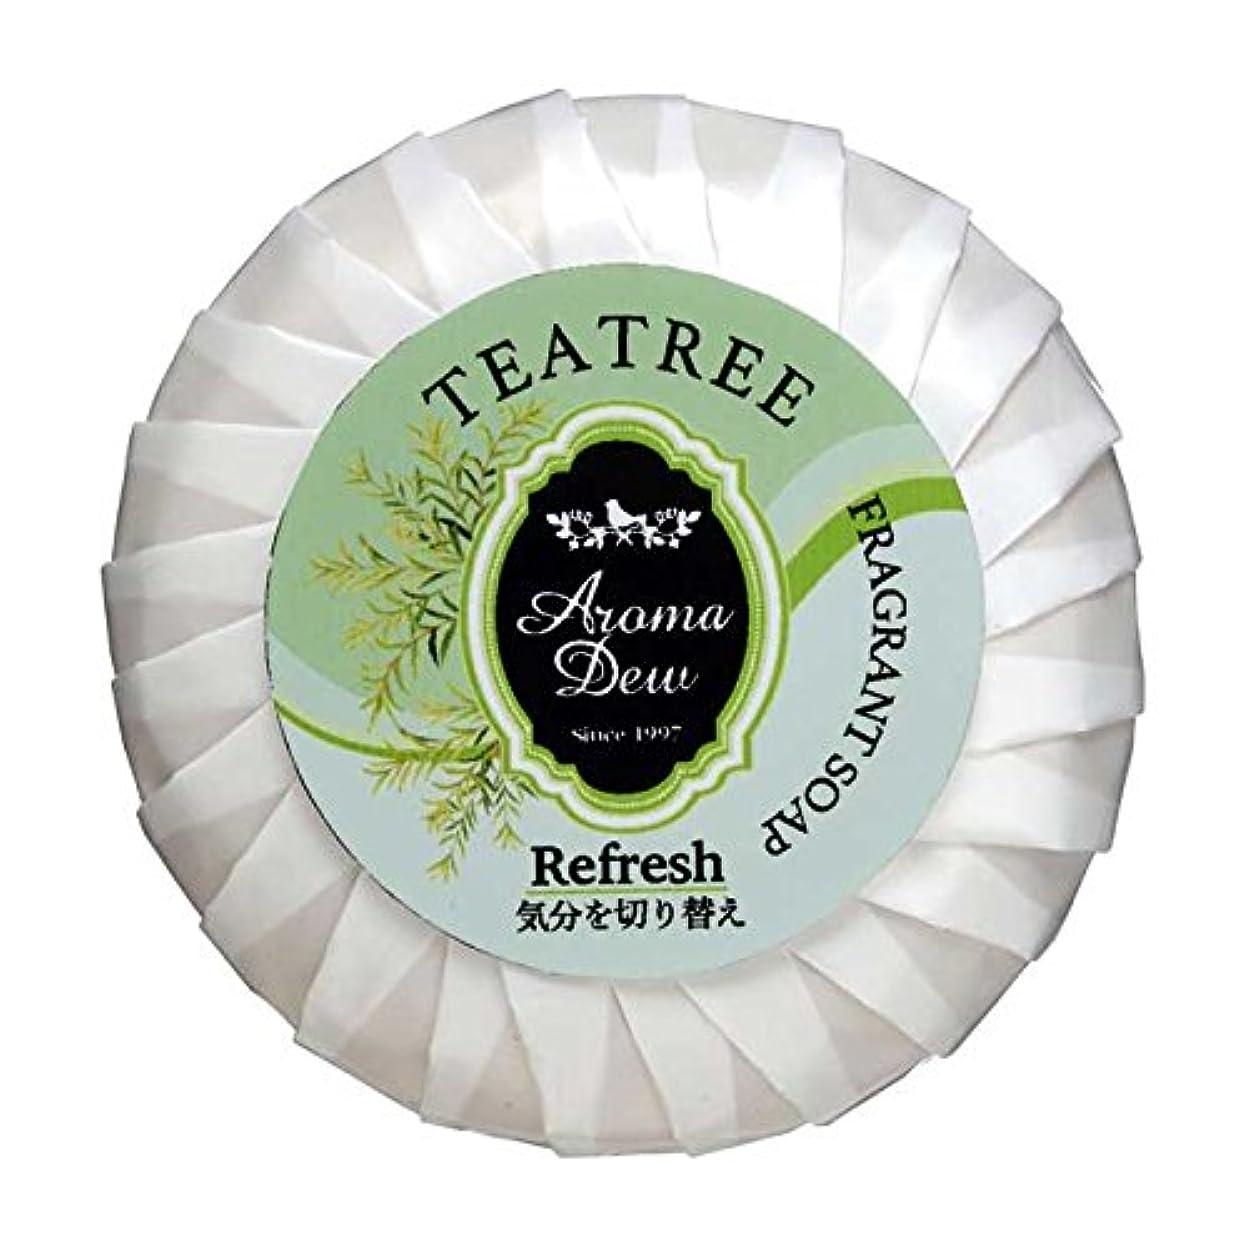 出口乳剤リゾートアロマデュウ フレグラントソープ ティーツリーの香り 100g